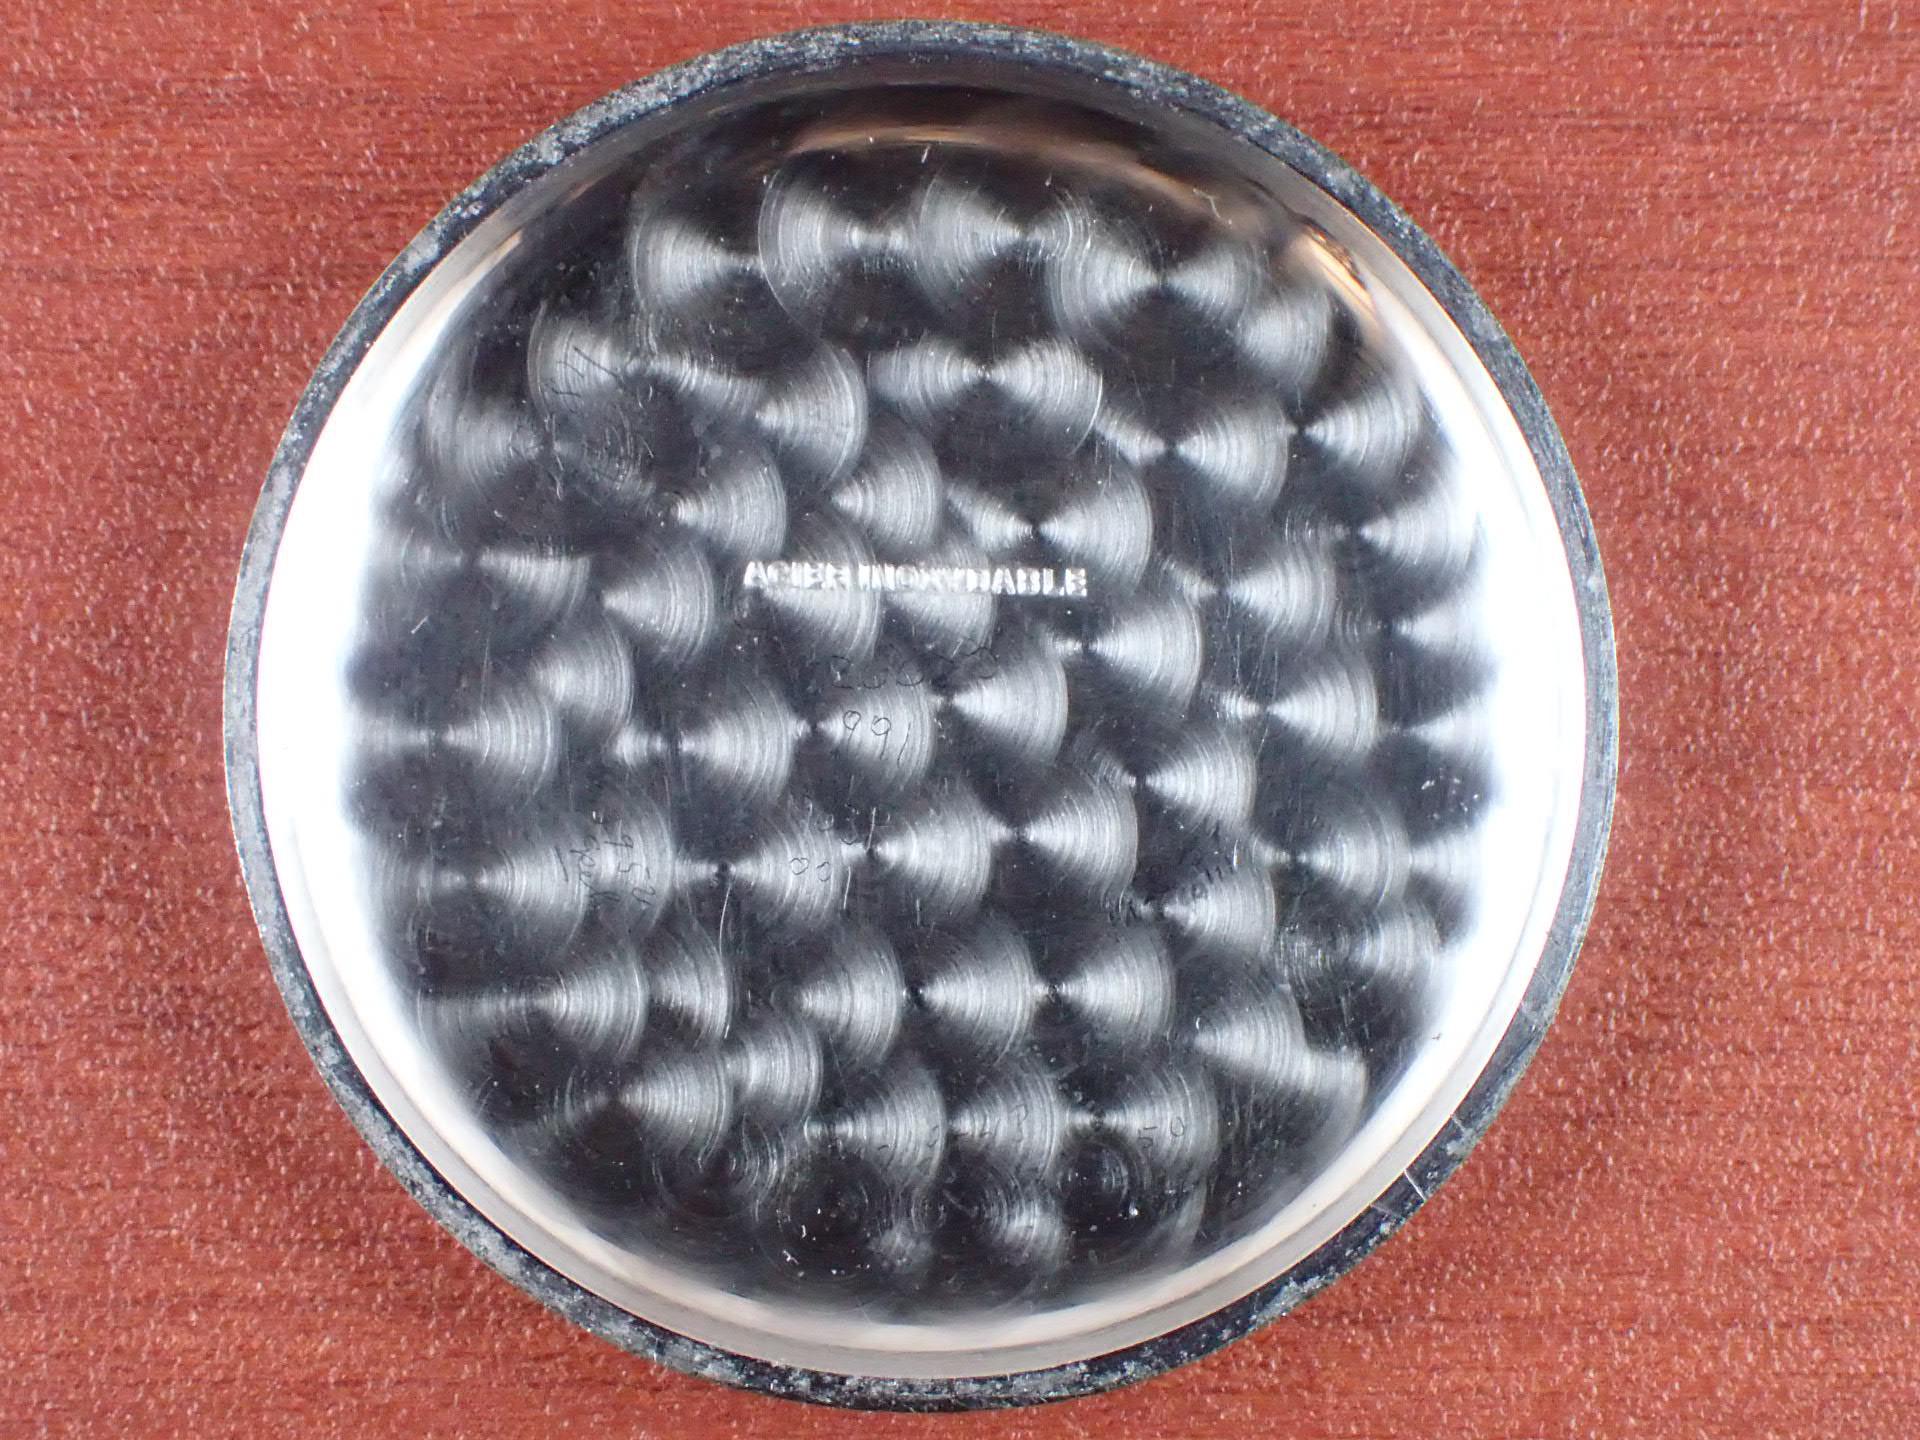 エレクション クロノグラフ バルジュー22 パルセーション 1930年代の写真6枚目